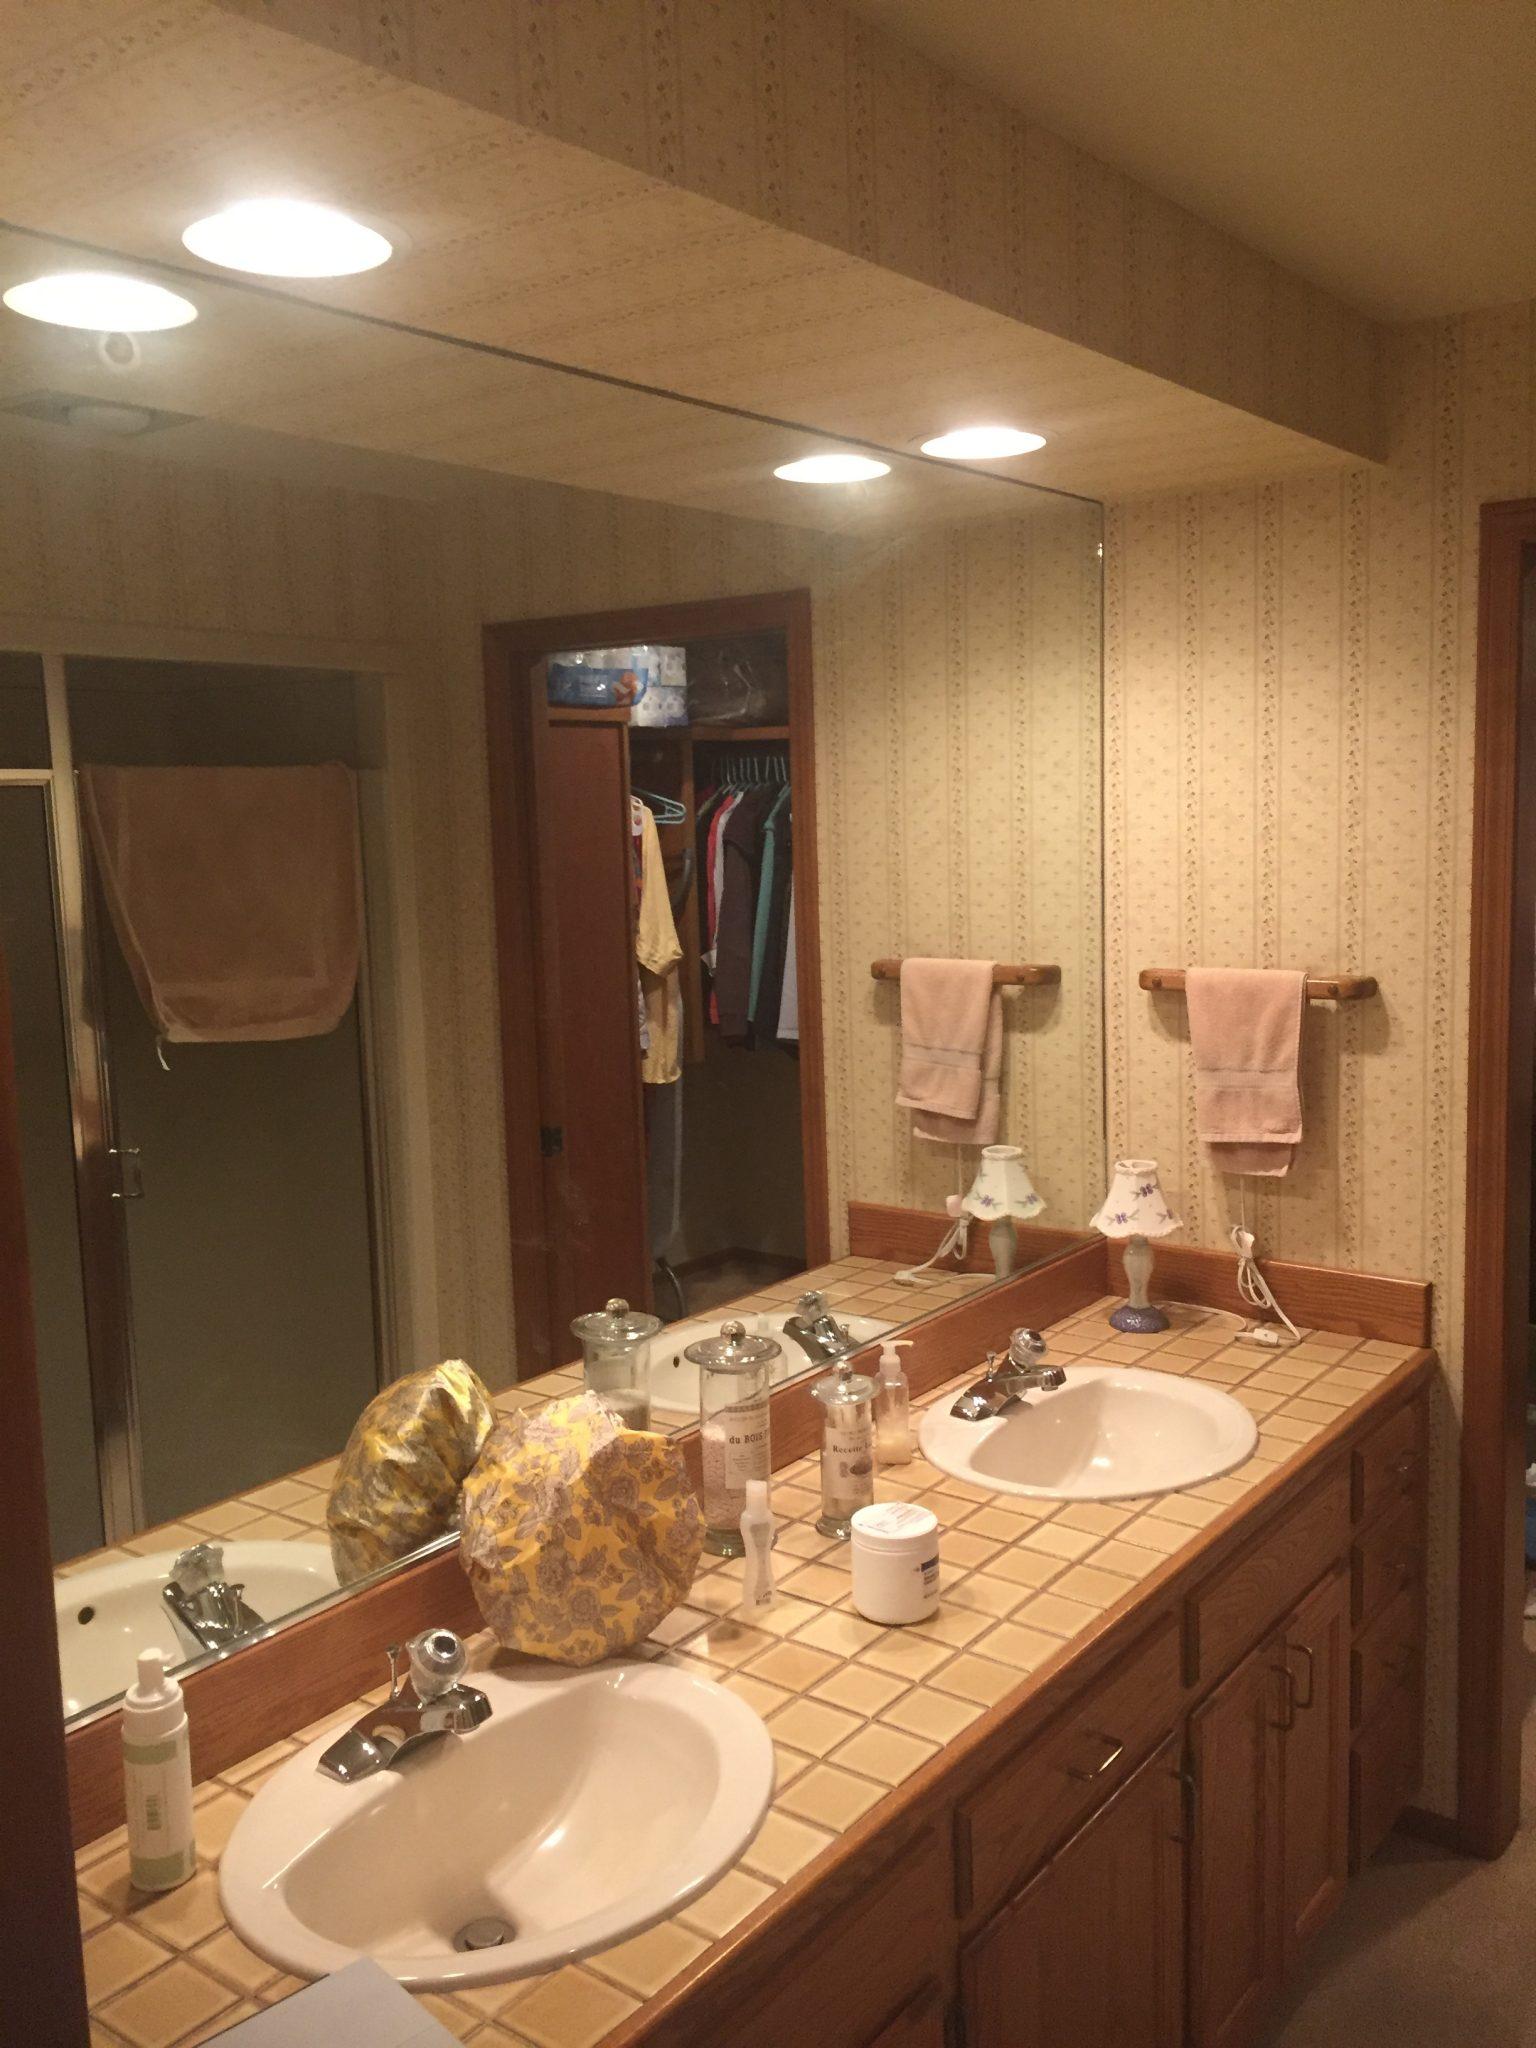 Elegant remodel for south salem bathrooms dale 39 s for Dale bathrooms